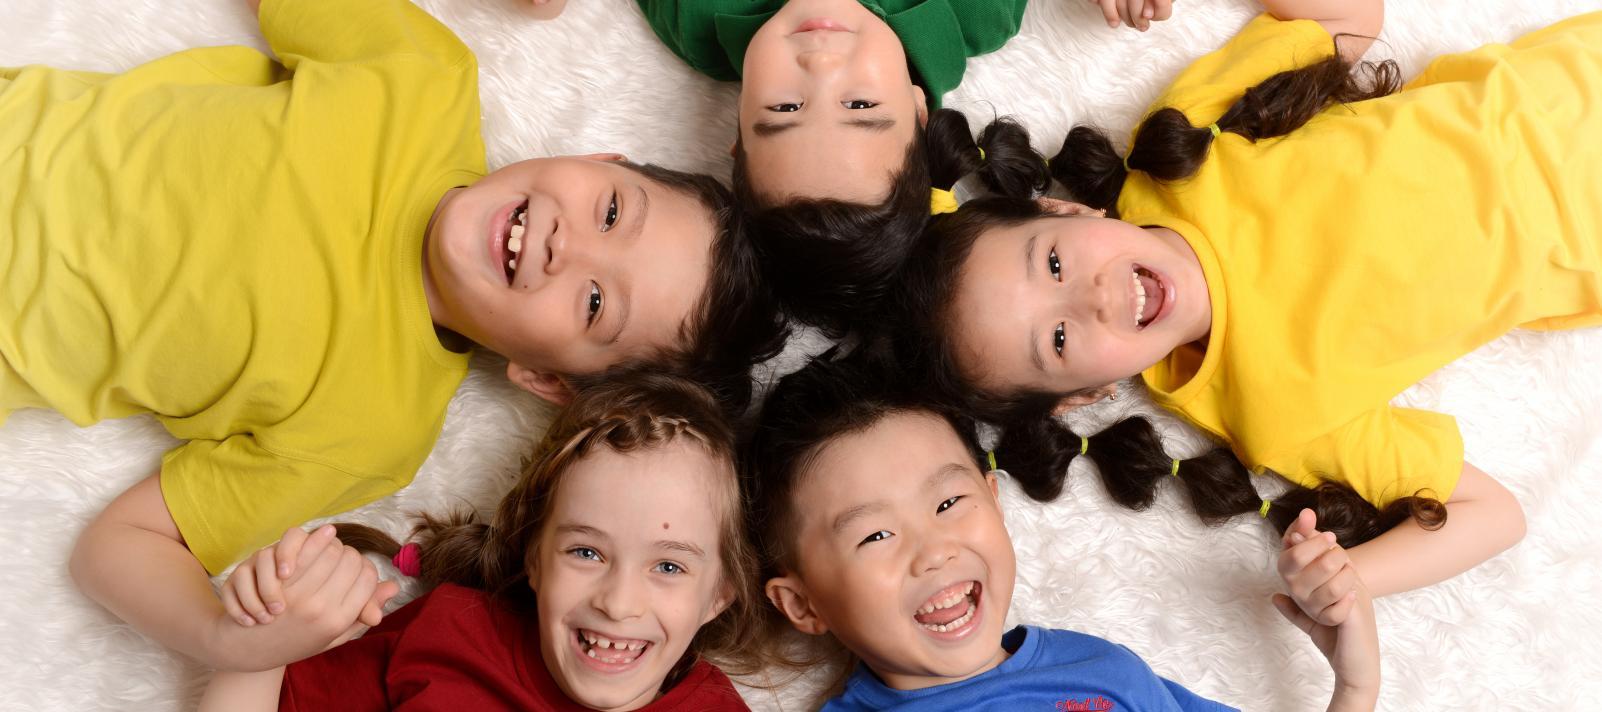 В Казахстане многодетными будут считаться семьи с четырьмя детьми и более – Минфин